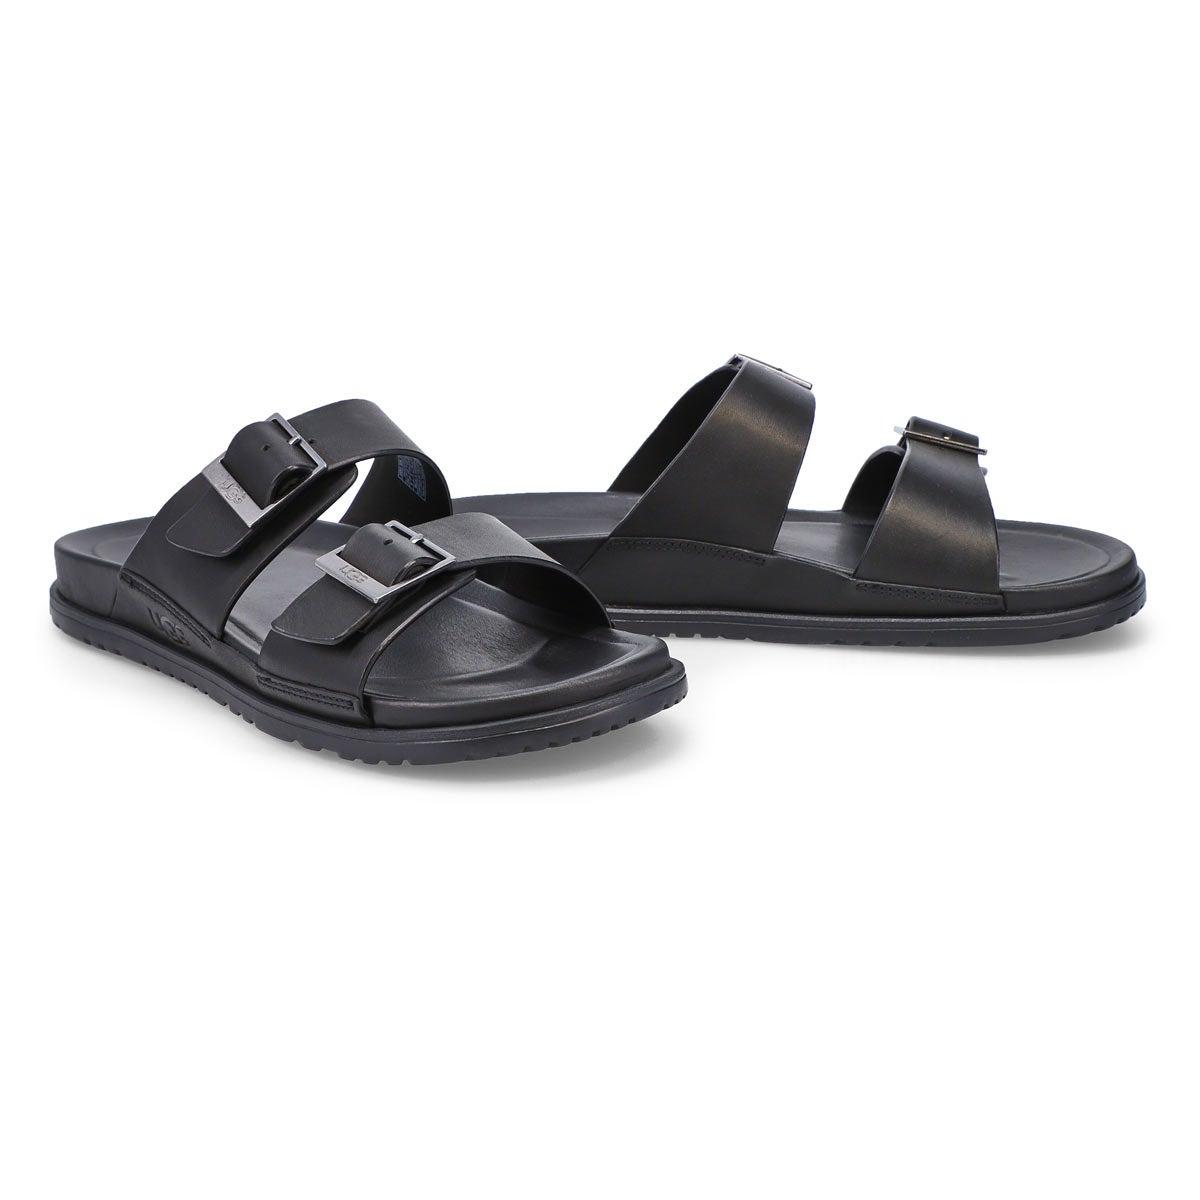 Men's Wainscott Buckle Slide Sandal - Black